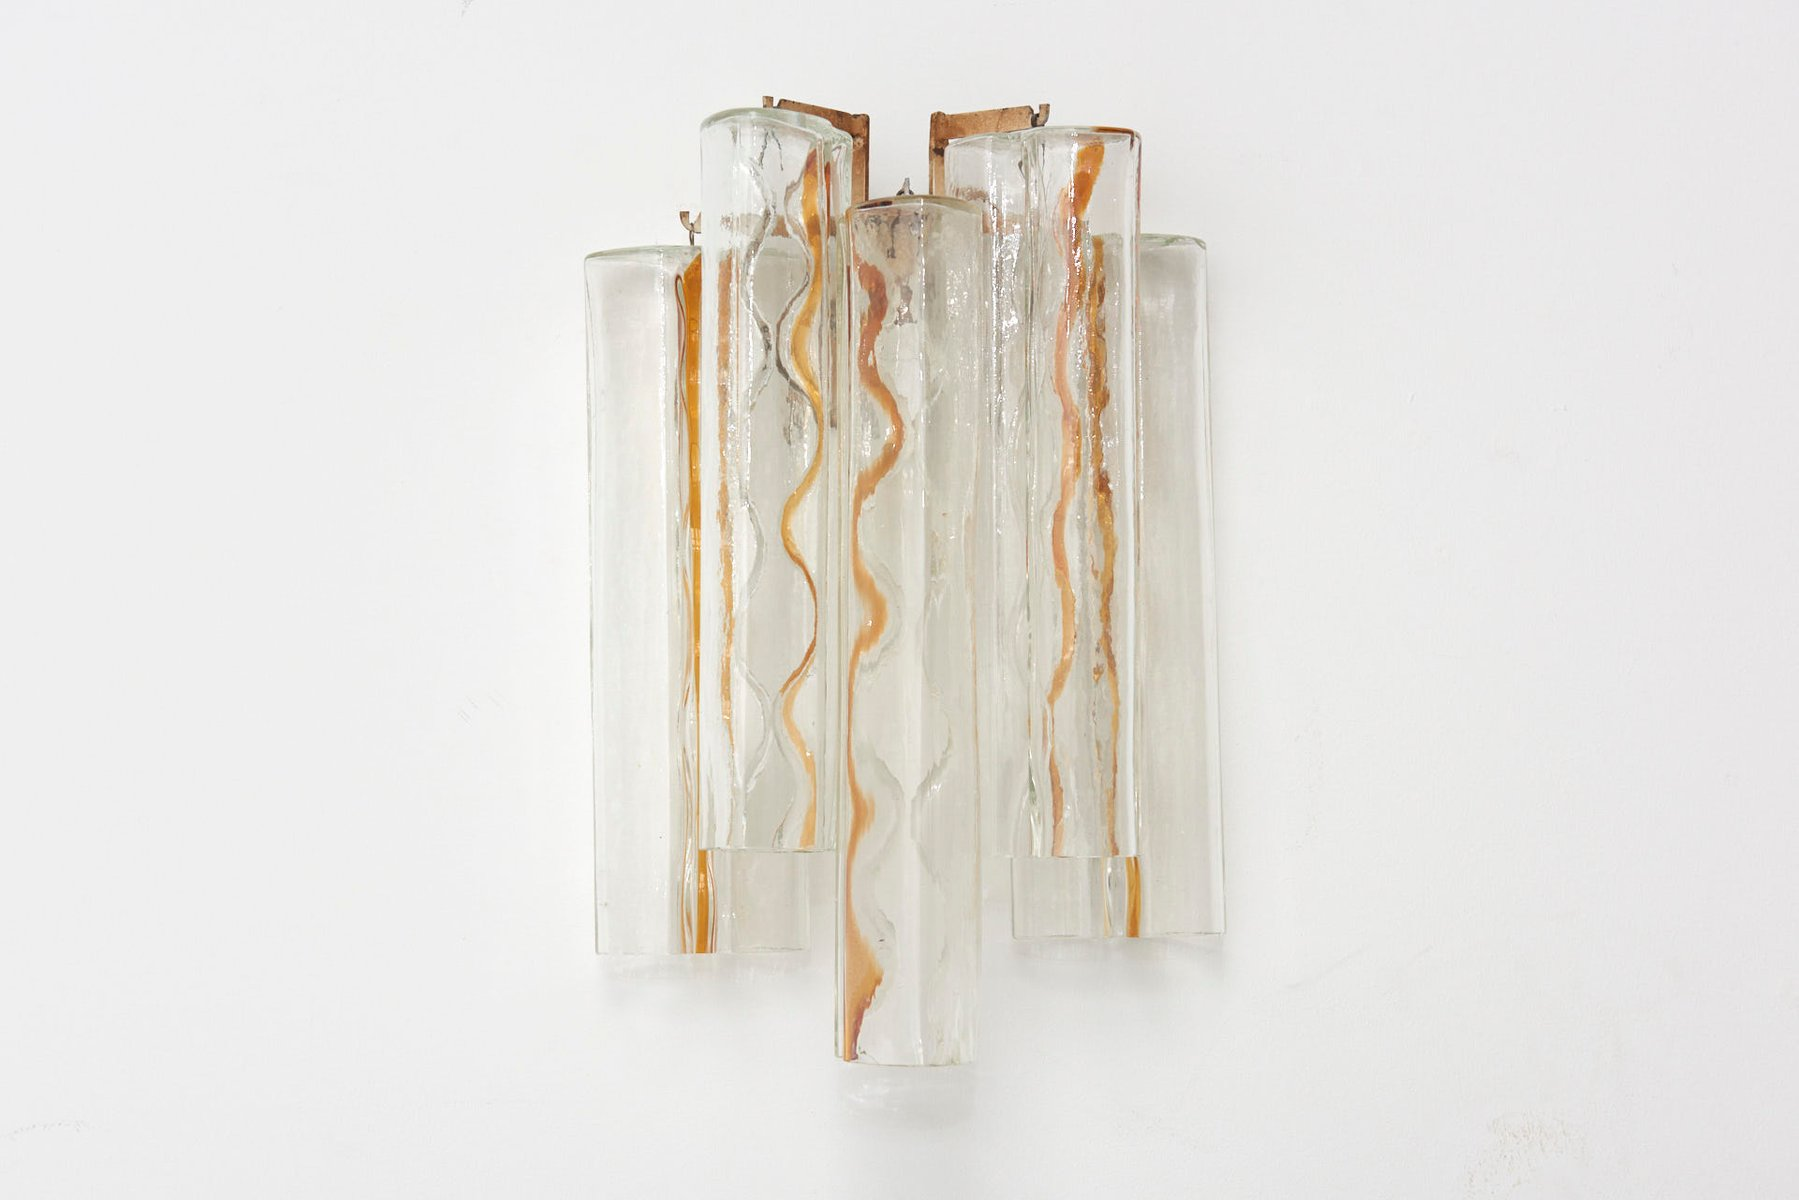 Schleifenförmige Murano Glas Wandlampen von Toni Zuccheri für Venini, ...